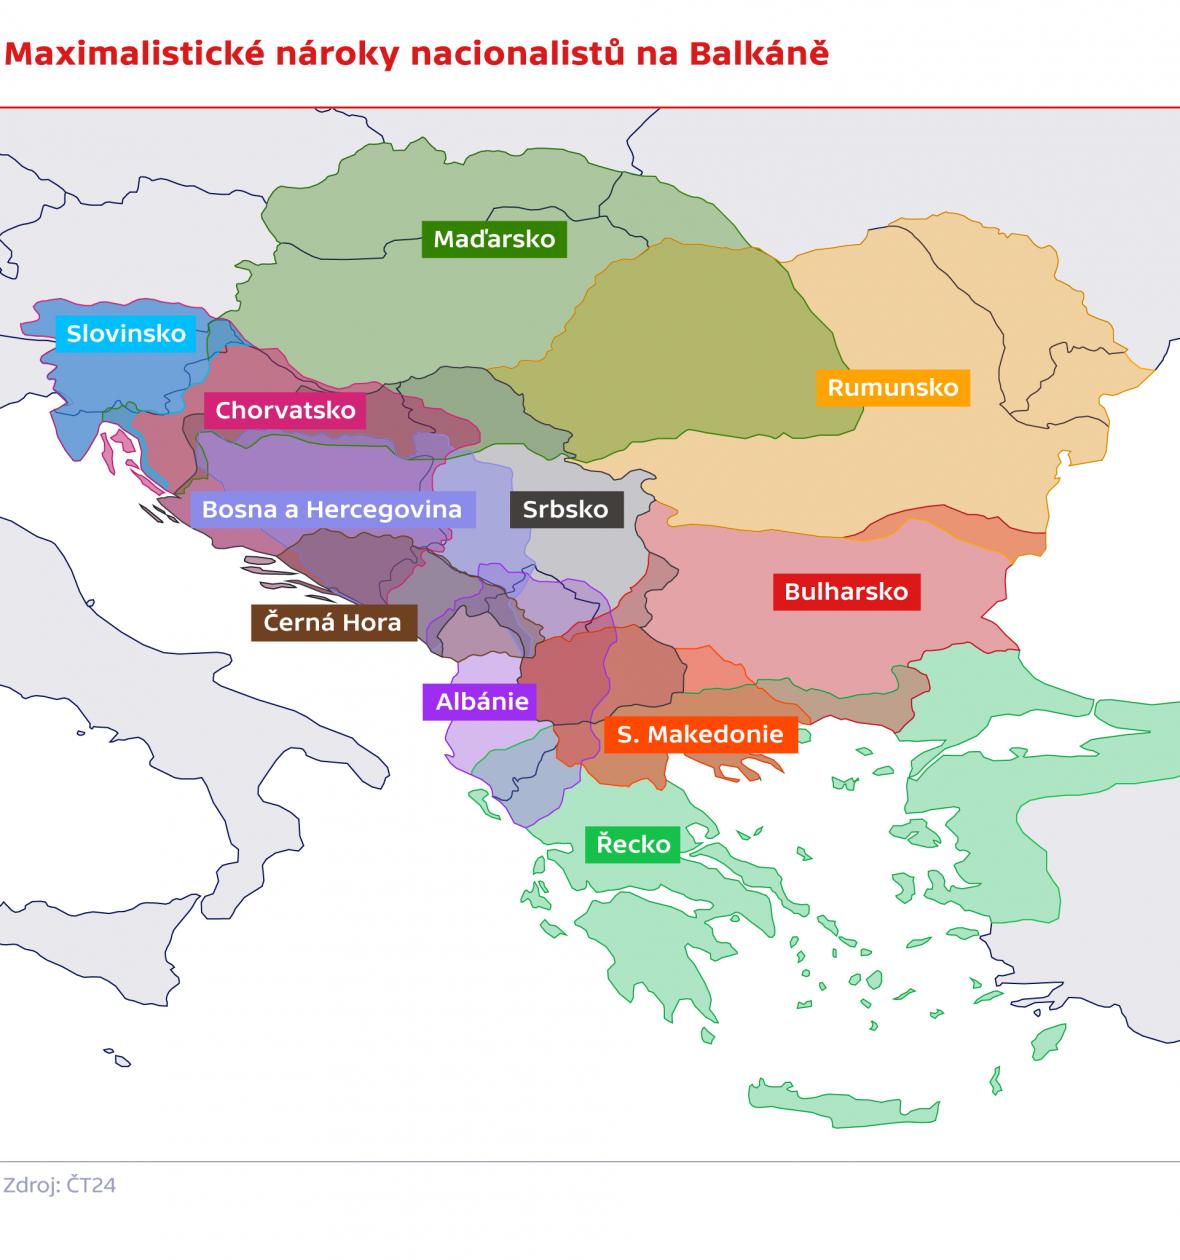 Maximalistické nároky národů na Balkáně